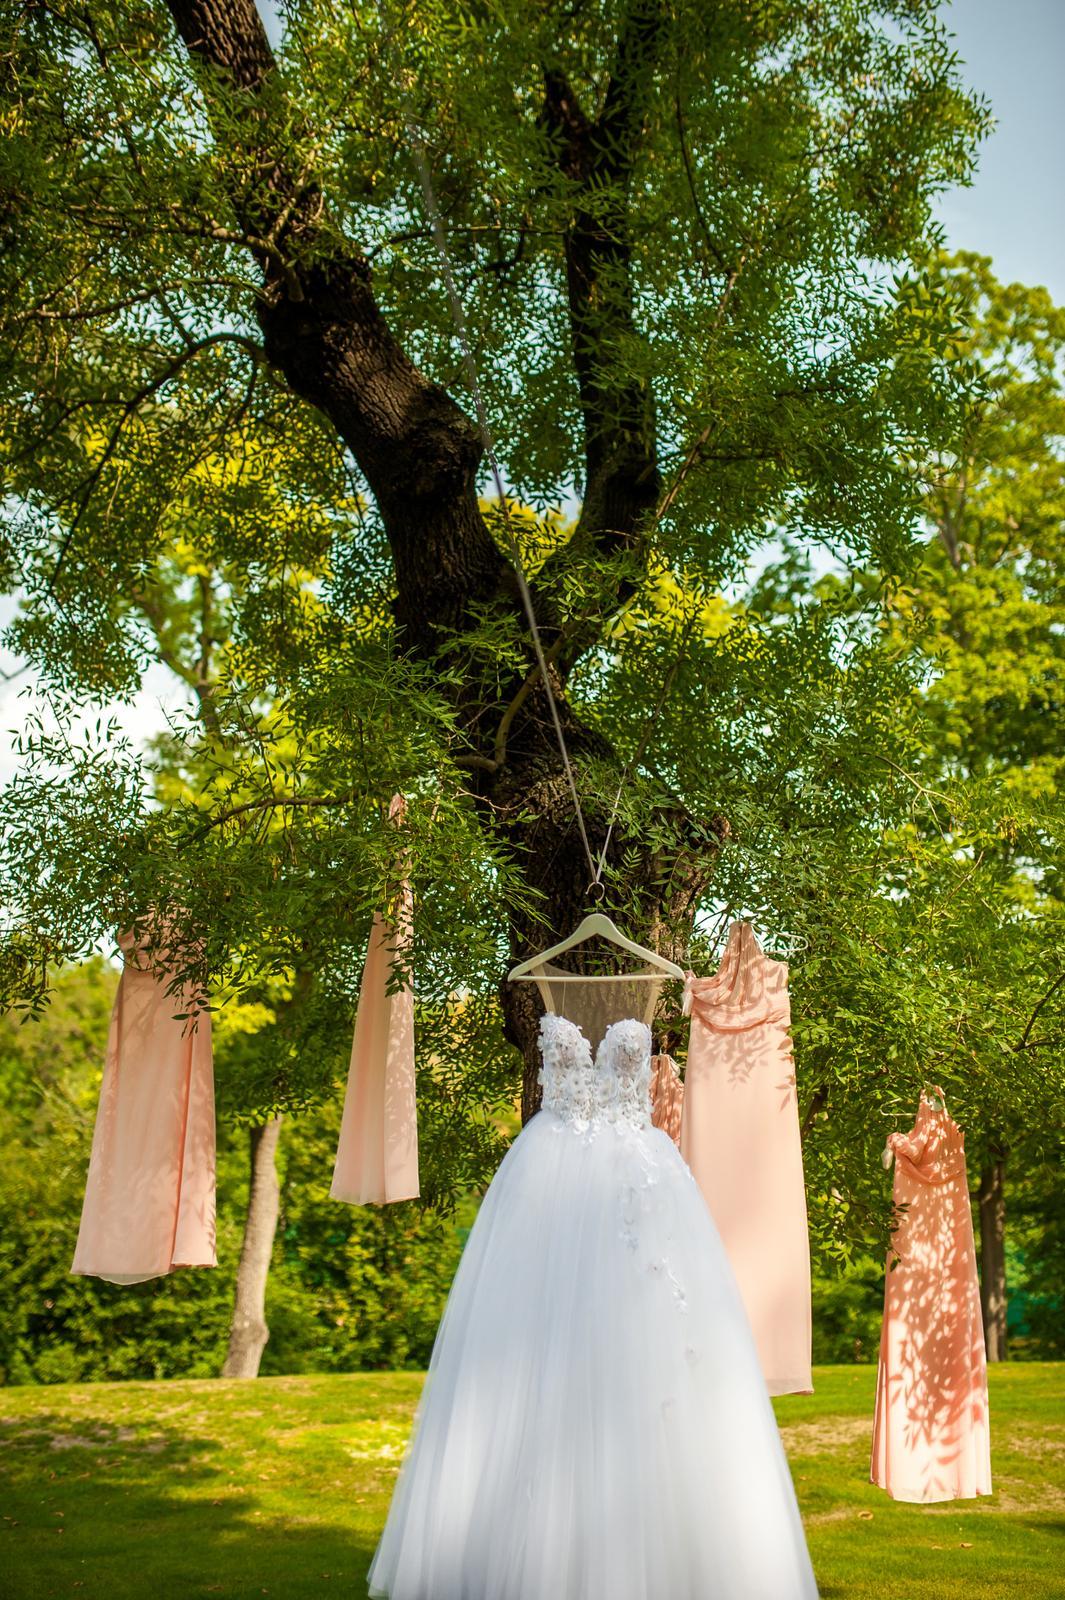 Wedding ♥ - Obrázek č. 7